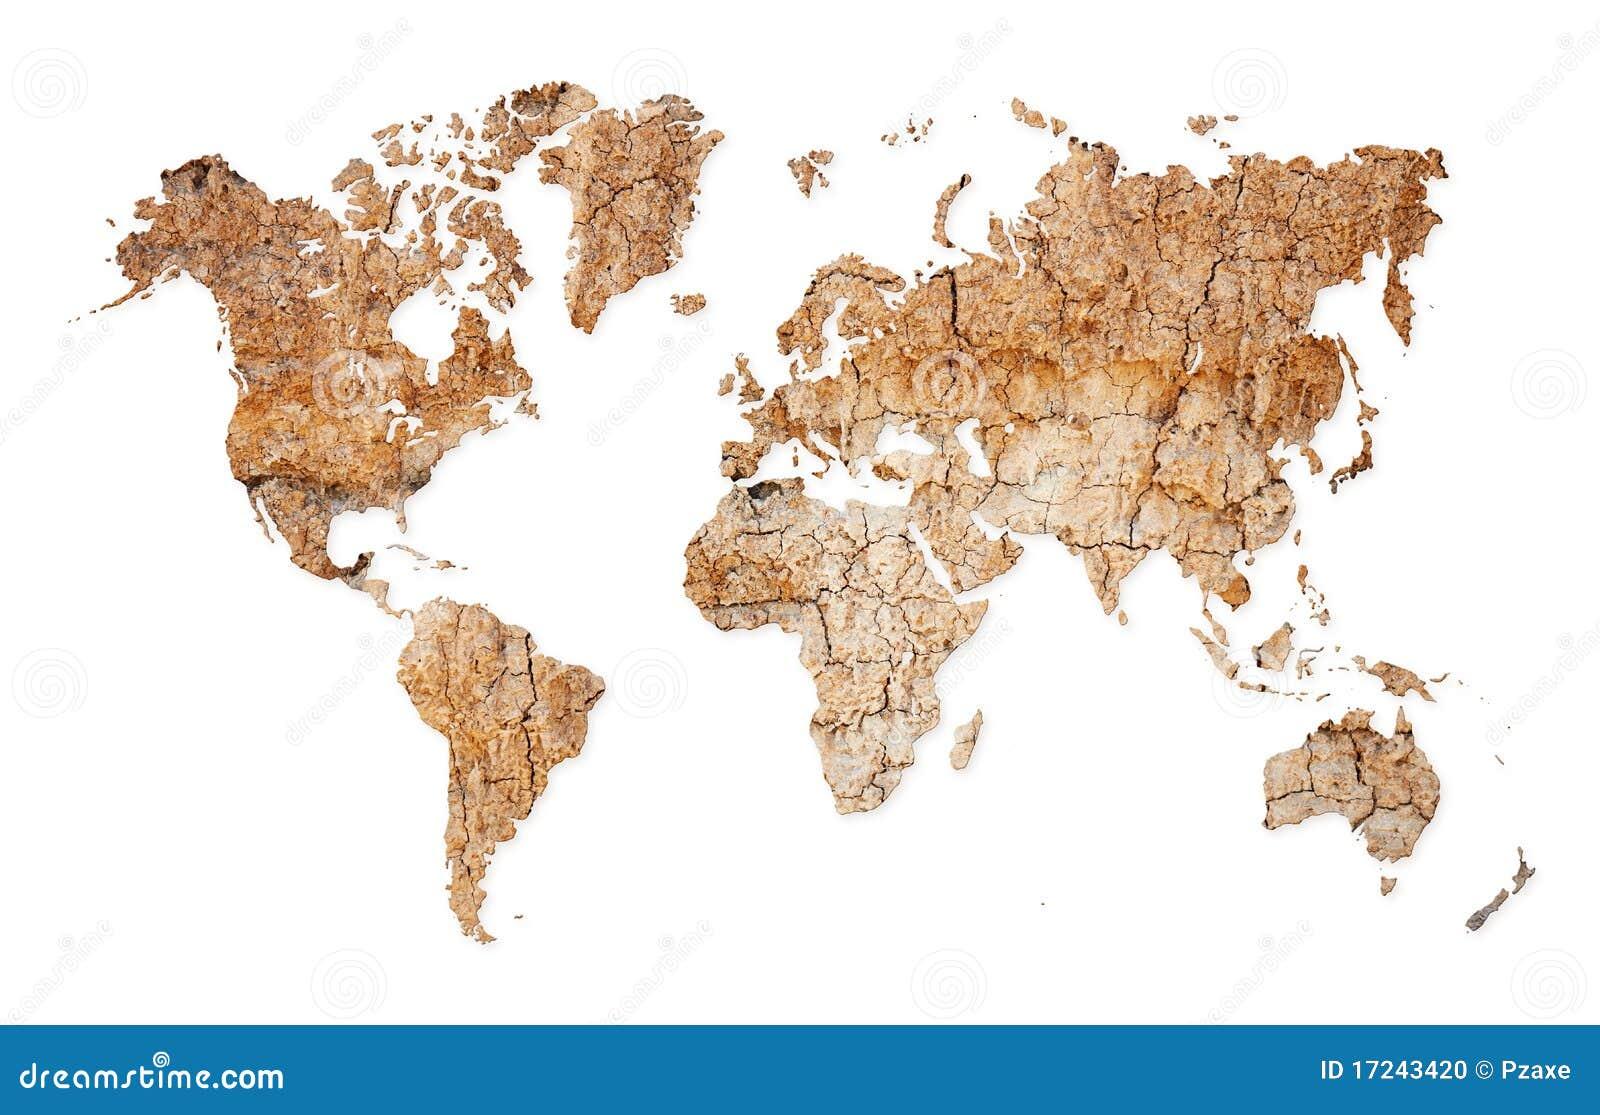 De kaart van de wereld continenten van droge verlaten grond stock illustratie afbeelding - Kennedy huis van de wereld ...